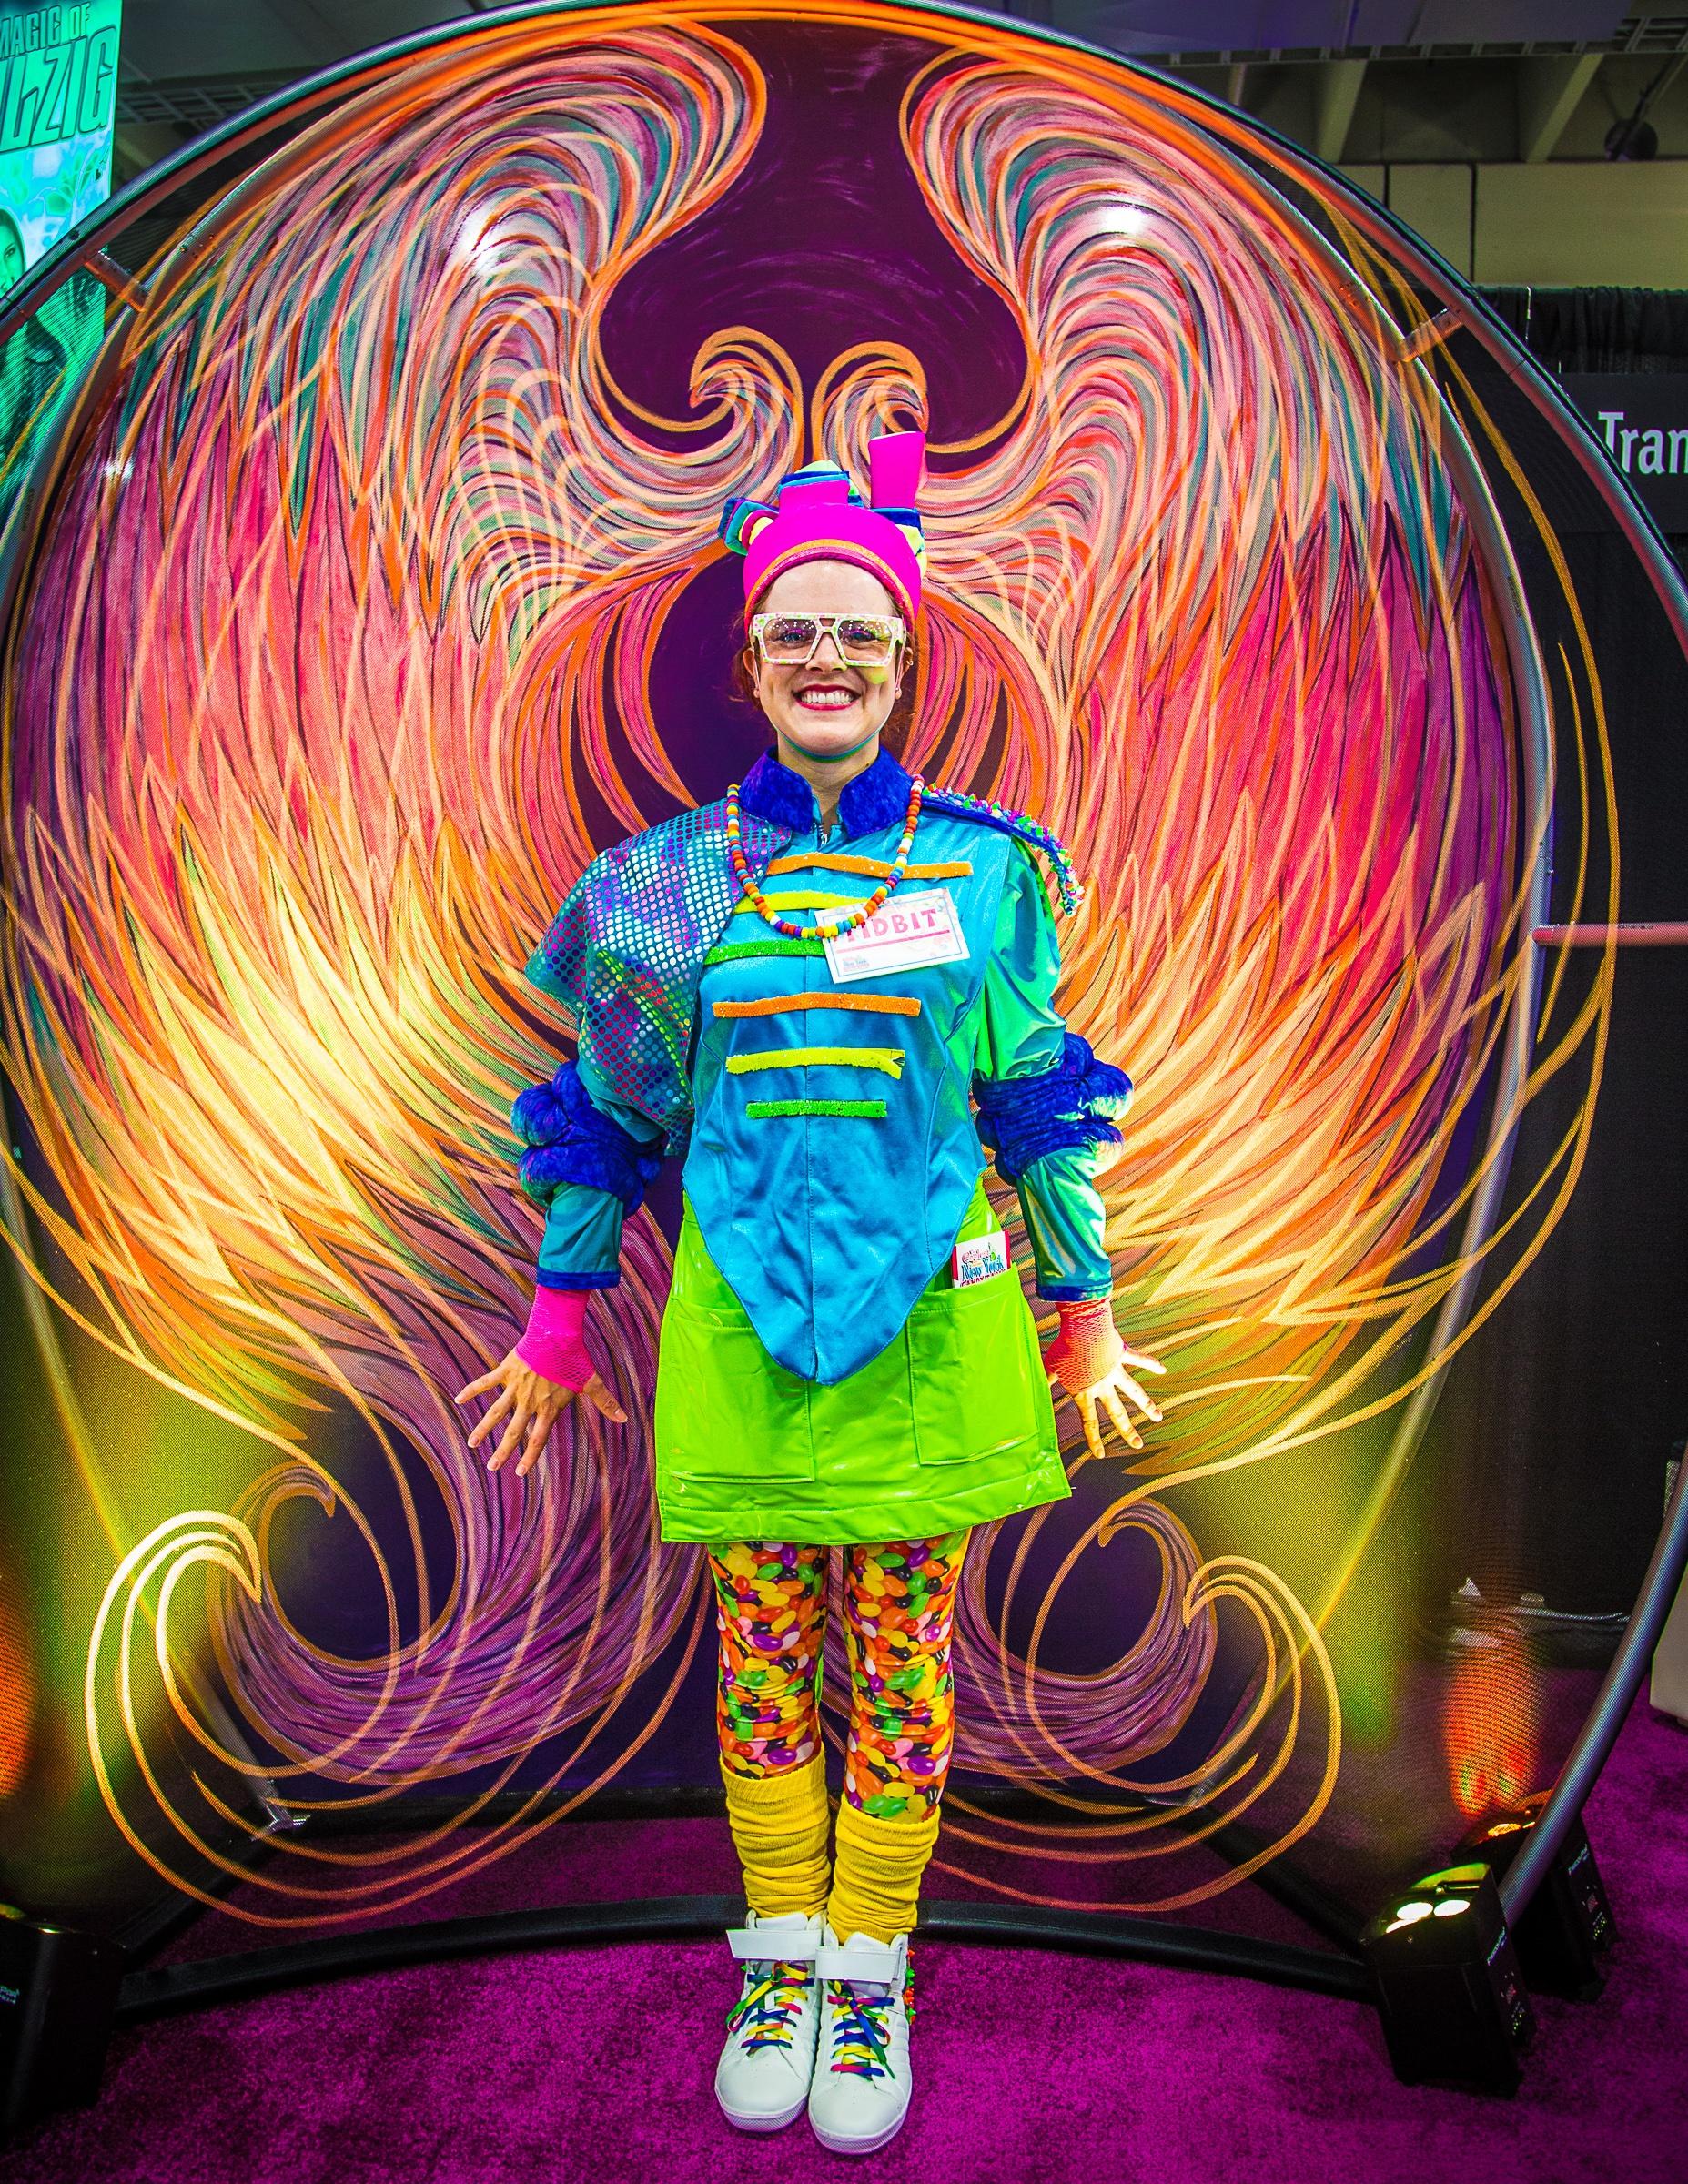 BizBashNY2016_AngelsCherub_MichaelScott_photo.jpg